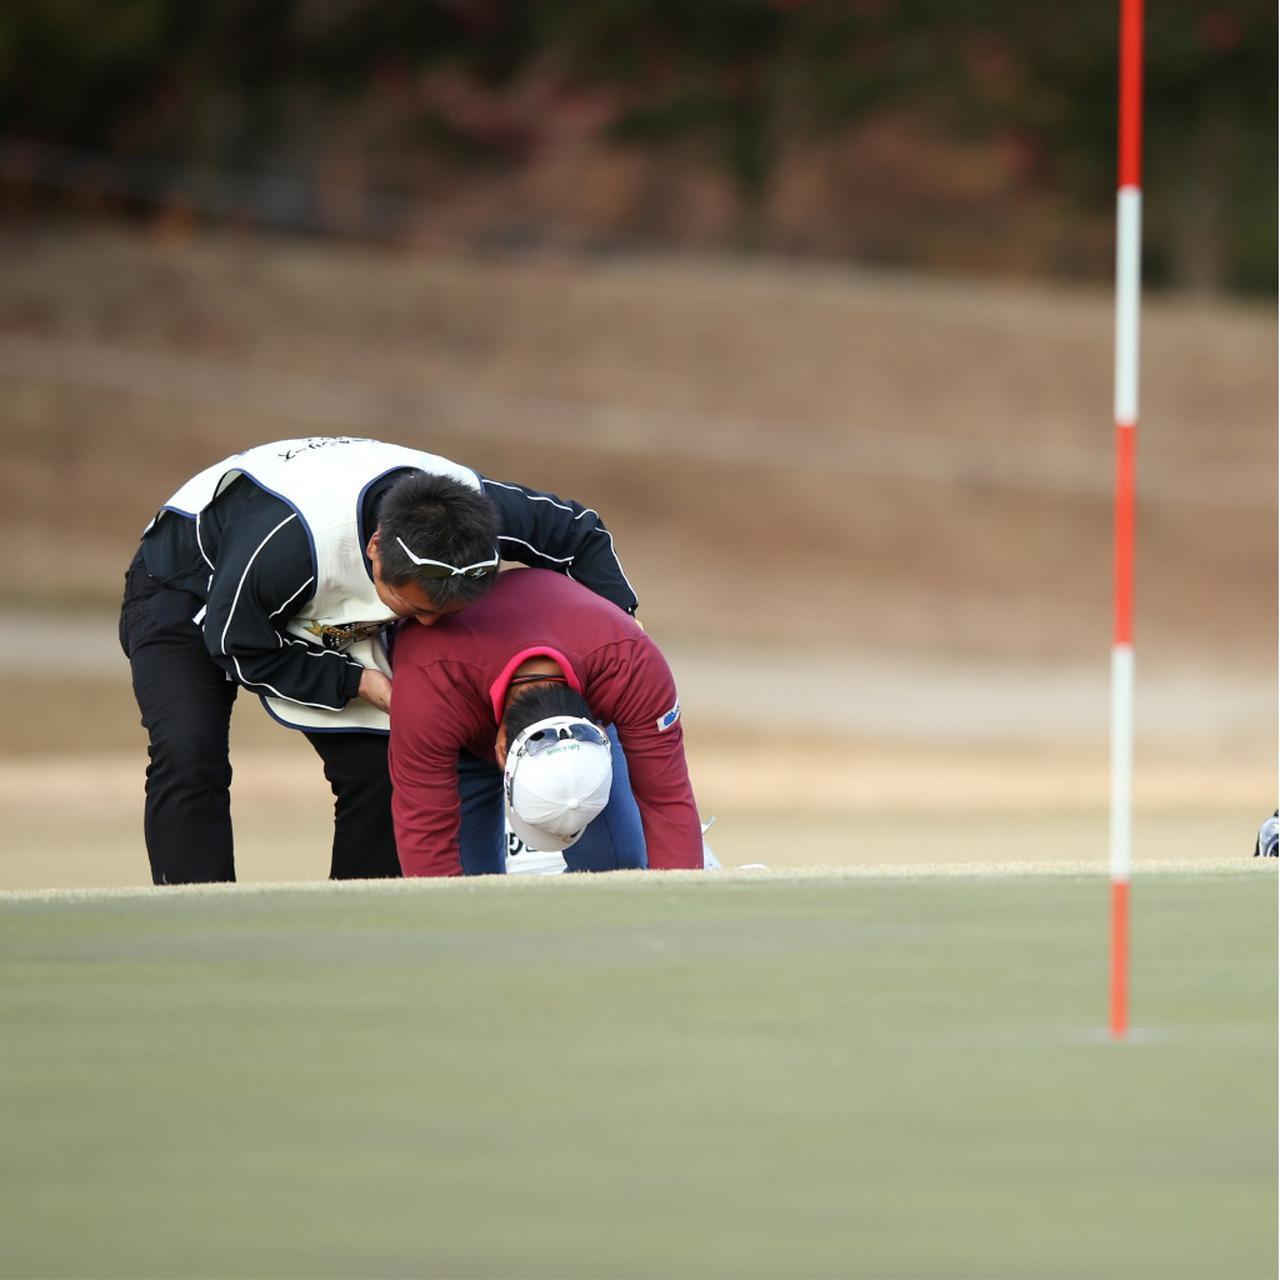 画像13: 【ゴルフ史】記憶と記録に残る。21世紀ニッポンのツアー、そのとき歴史は動いた